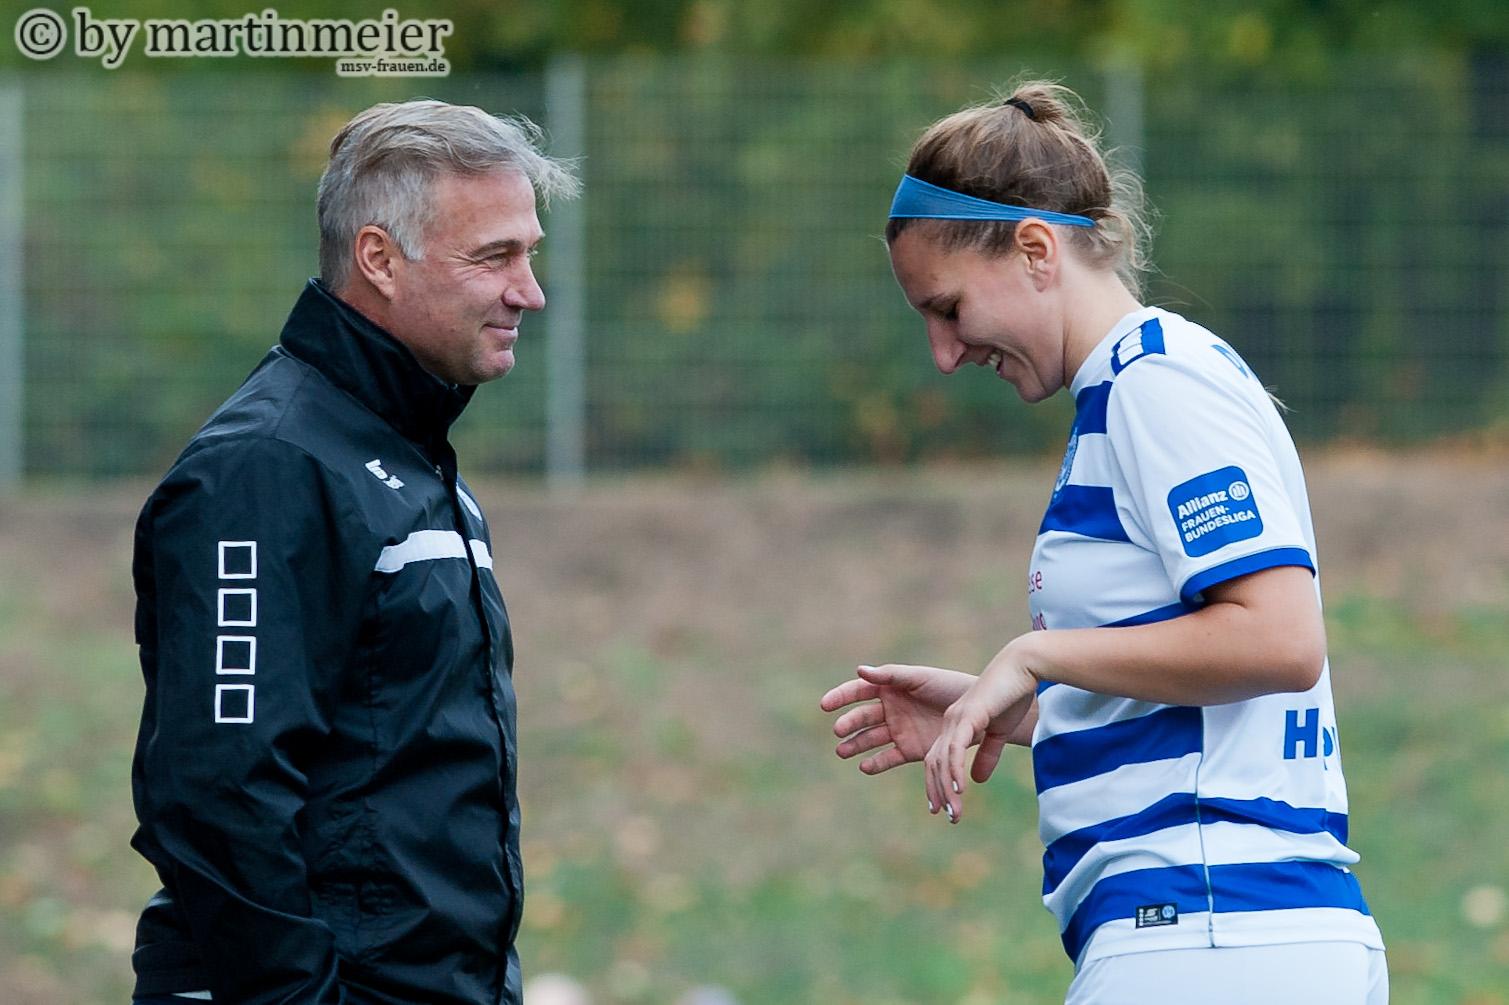 Garanten des Erfolges - MSV-Chefcoach Thomas Gerstner und Stürmerin Dörthe Hoppius